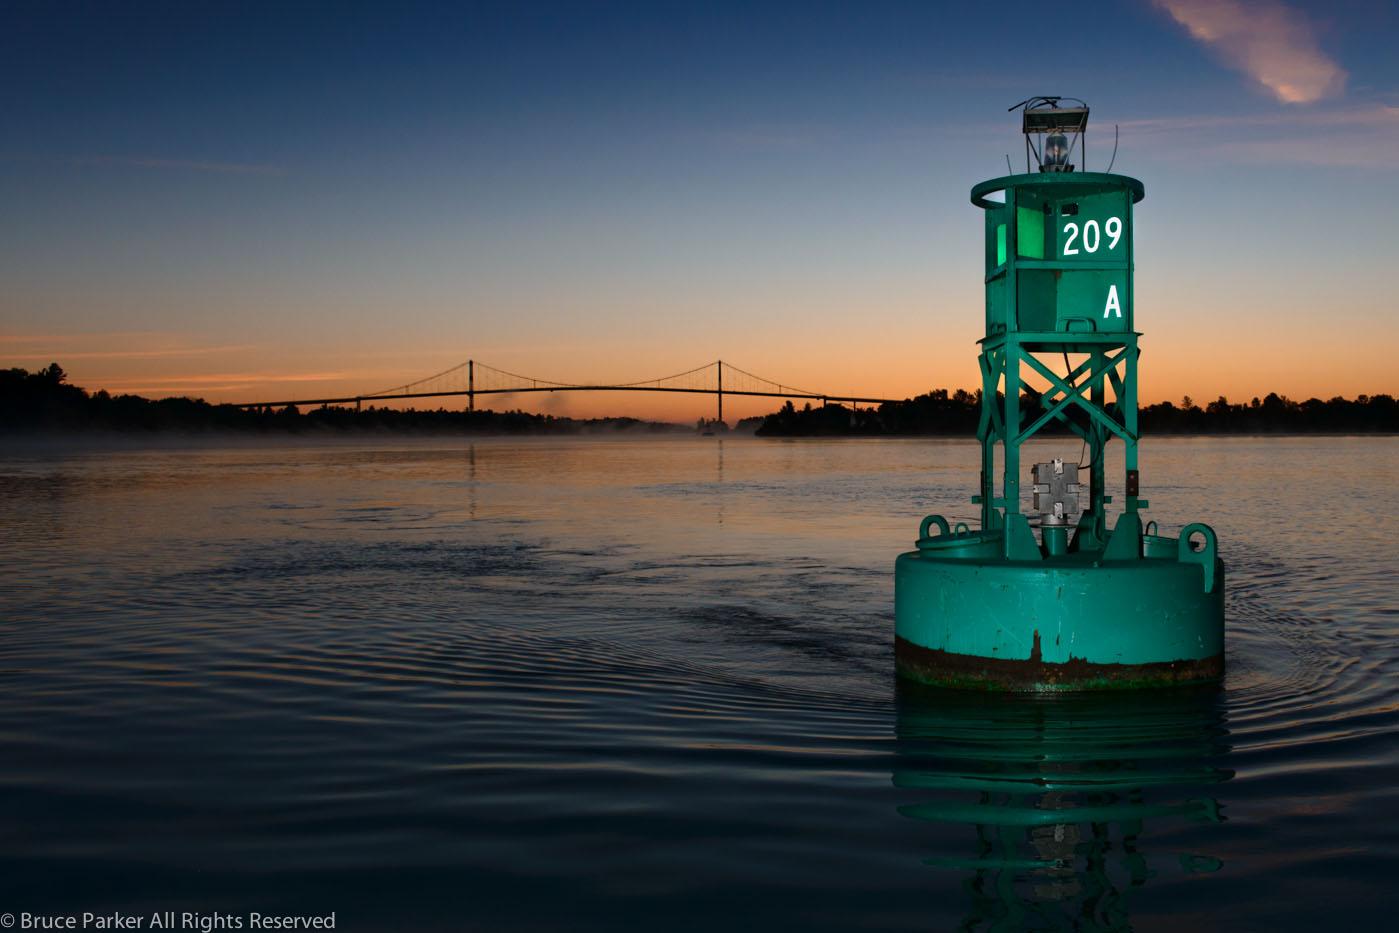 Buoy 209